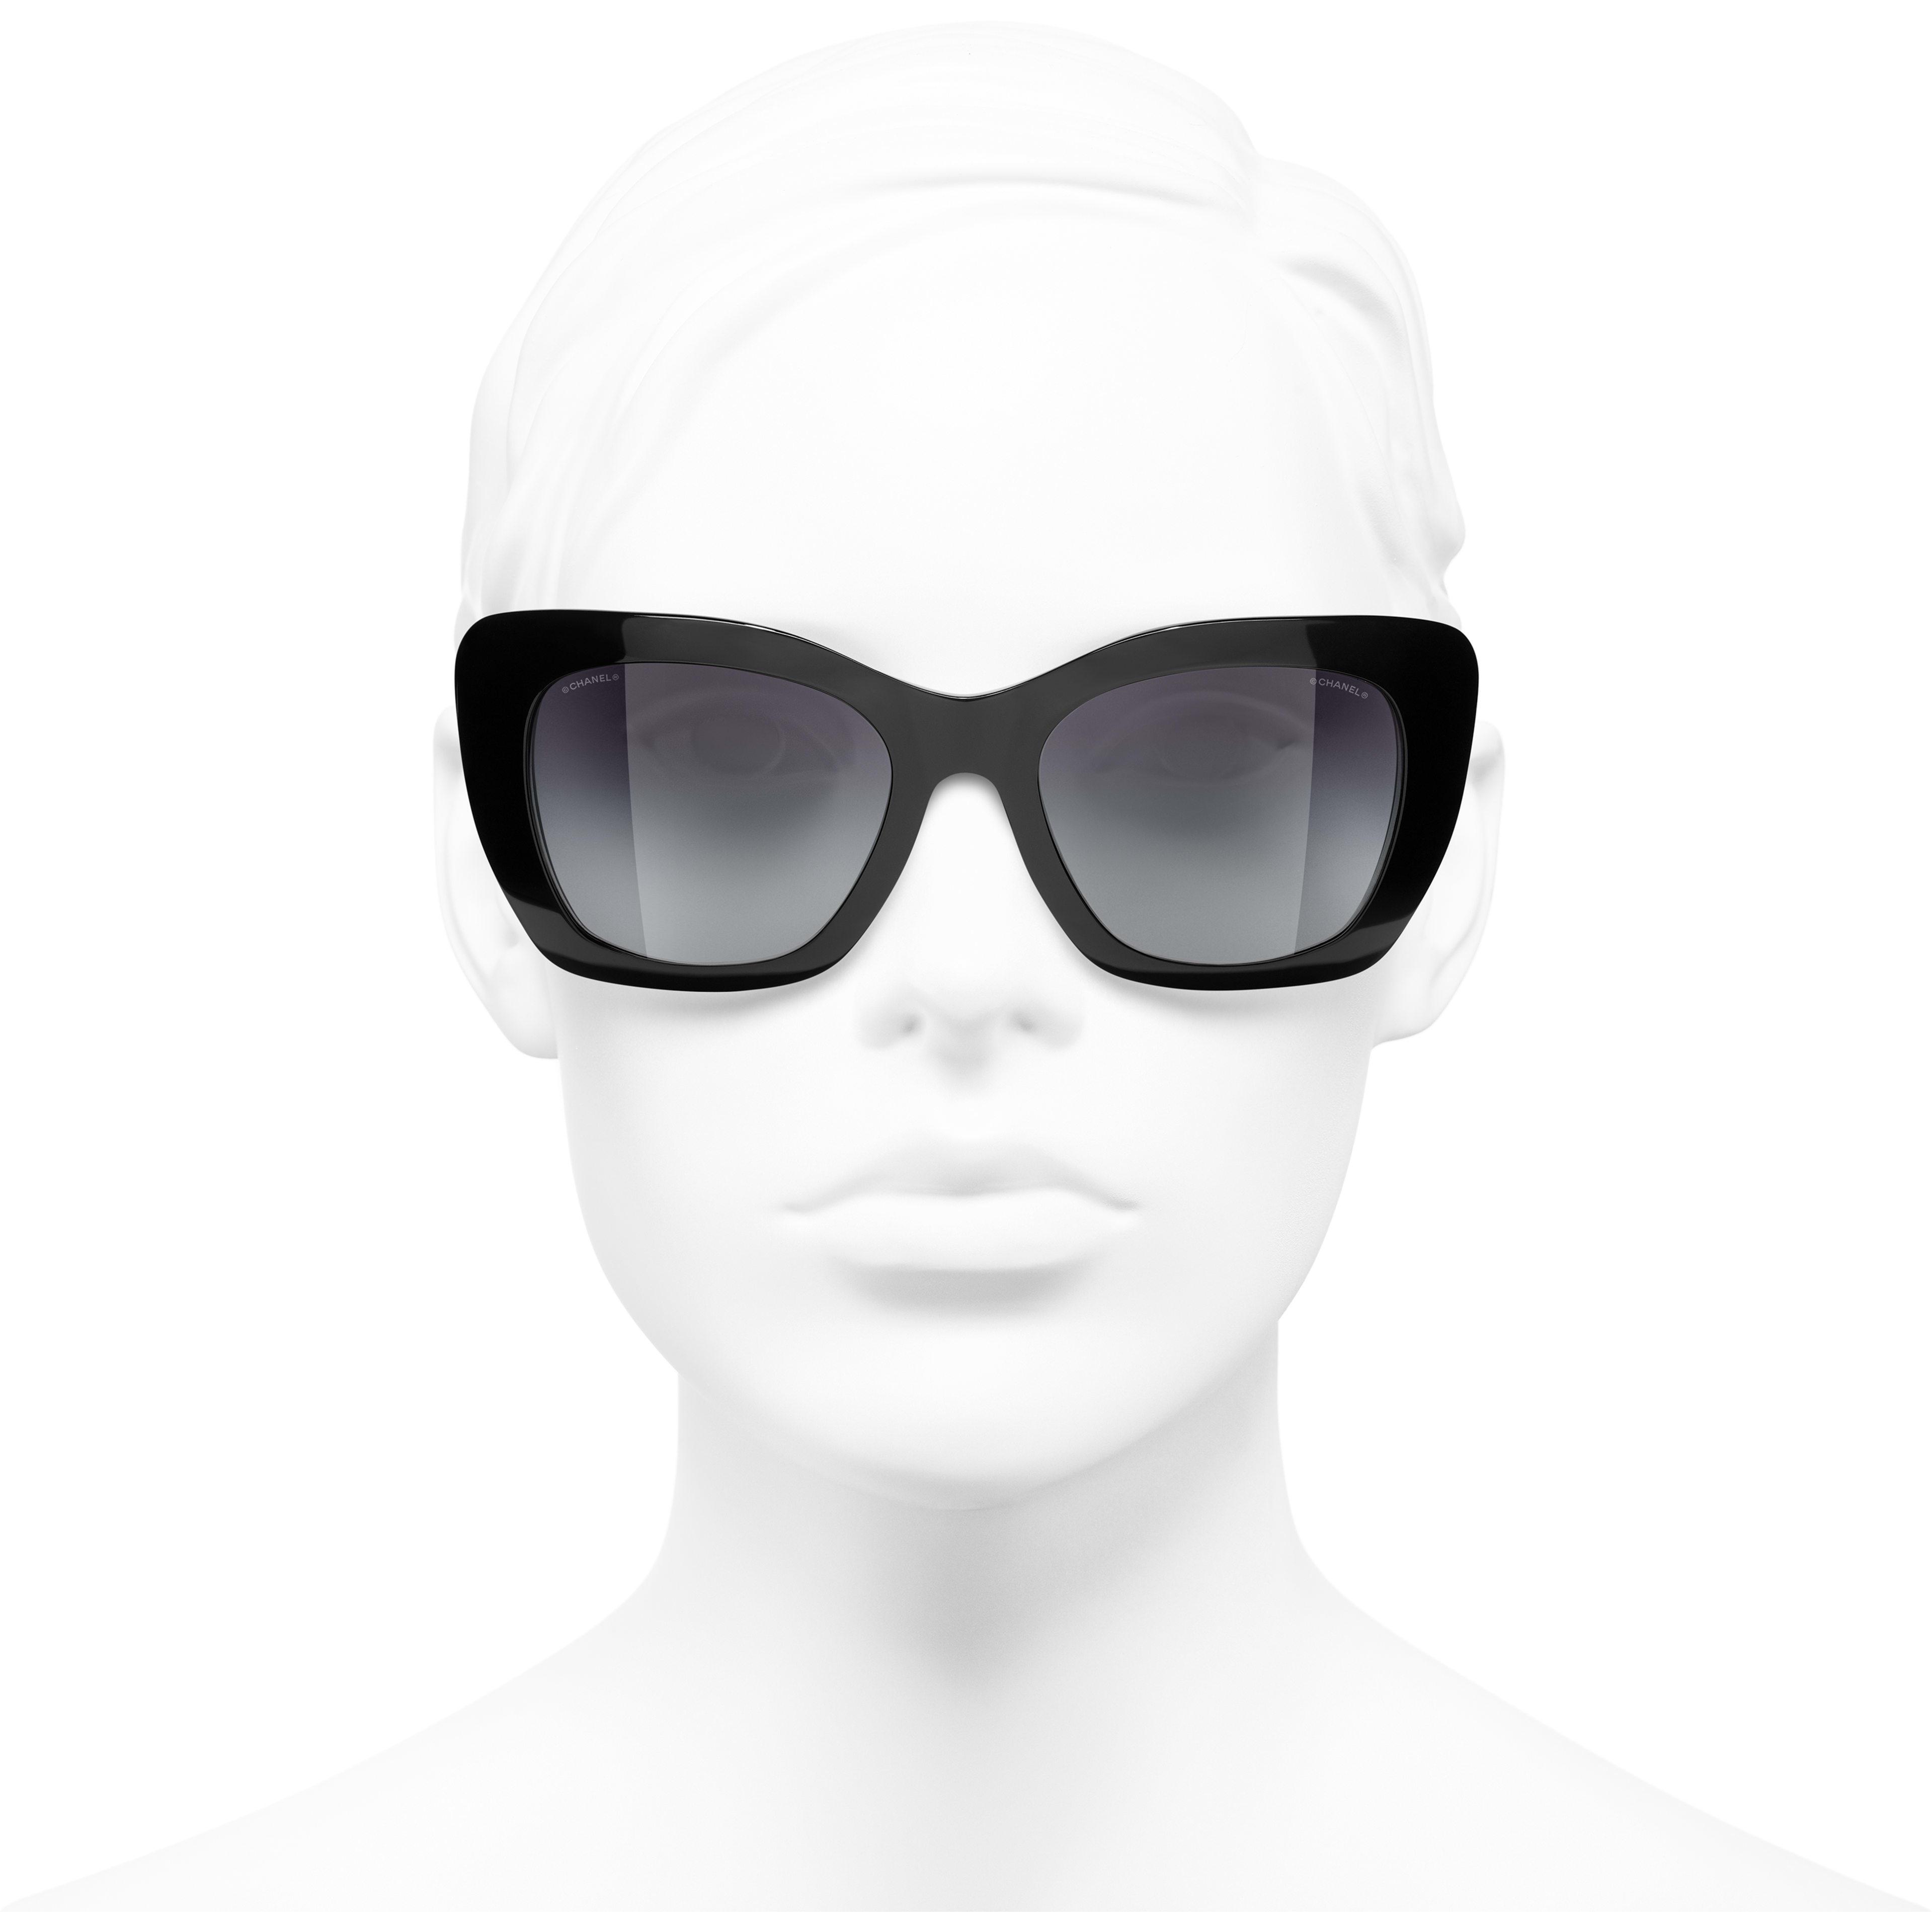 Óculos de sol com formato felino - Preto - Acetato - CHANEL - Vista de frente - ver a versão em tamanho standard